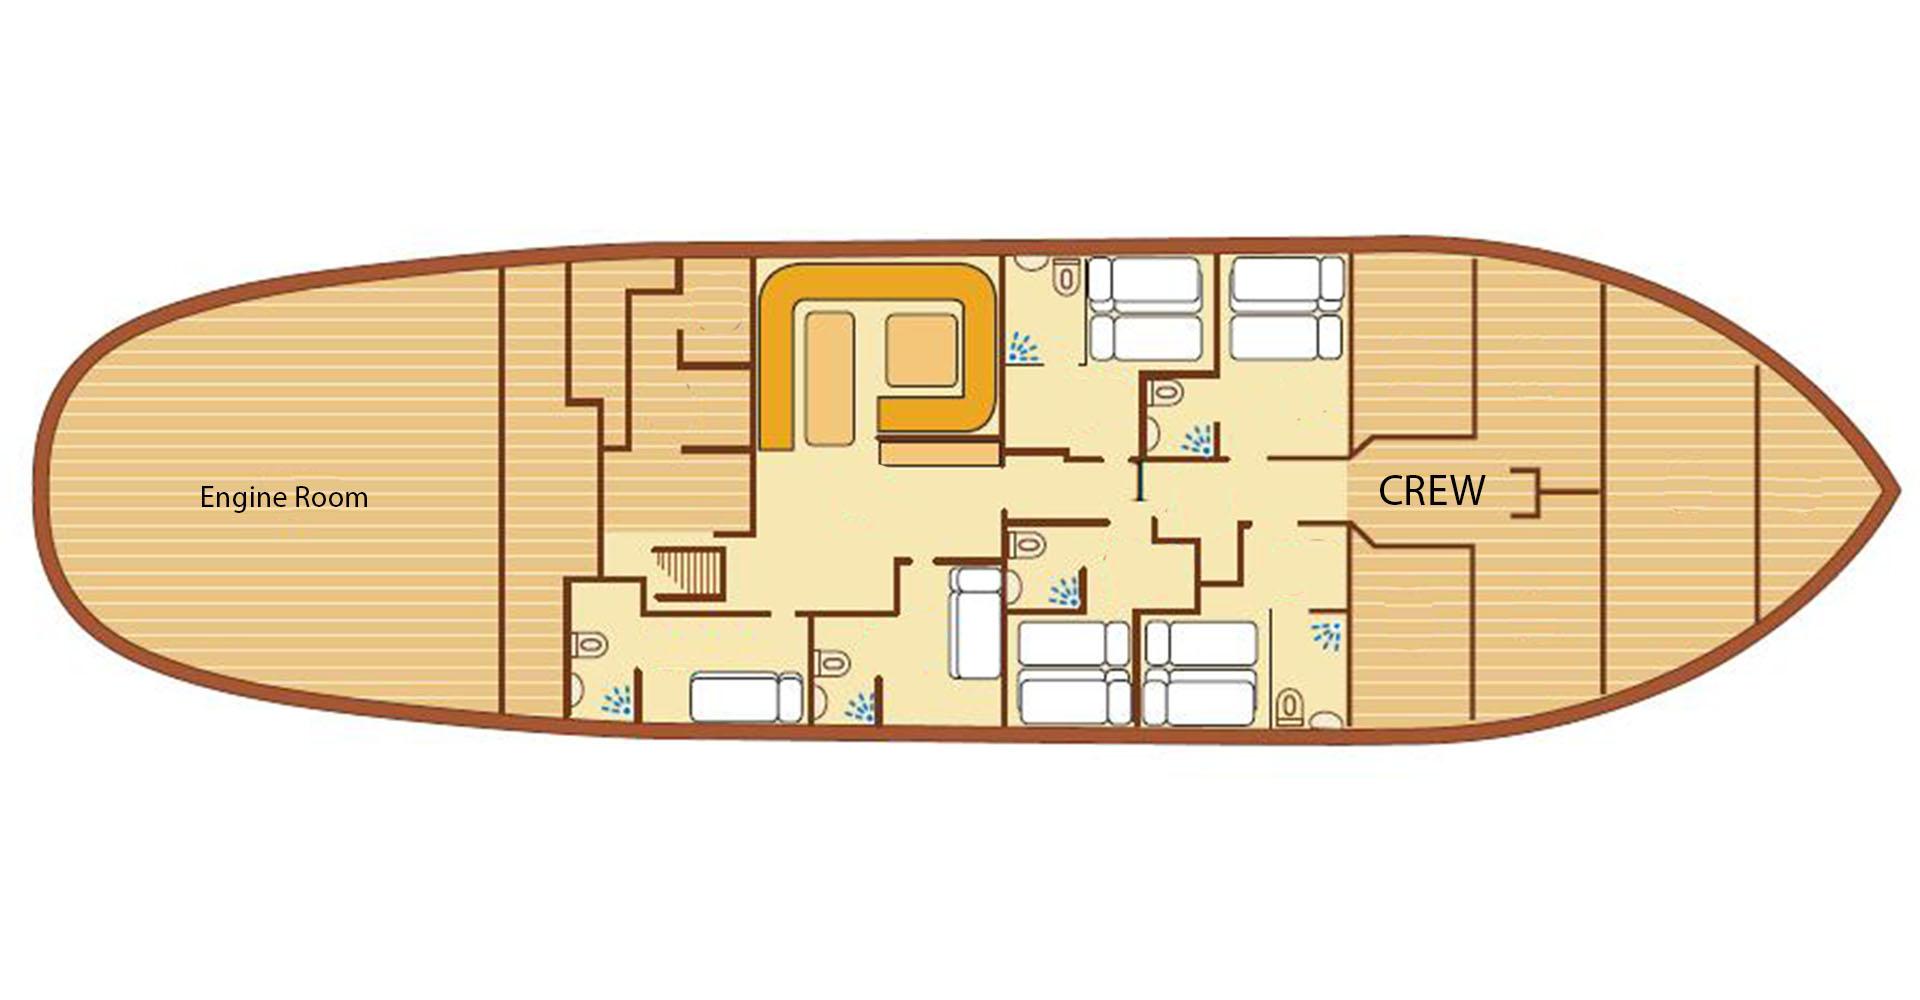 EOW deck plan